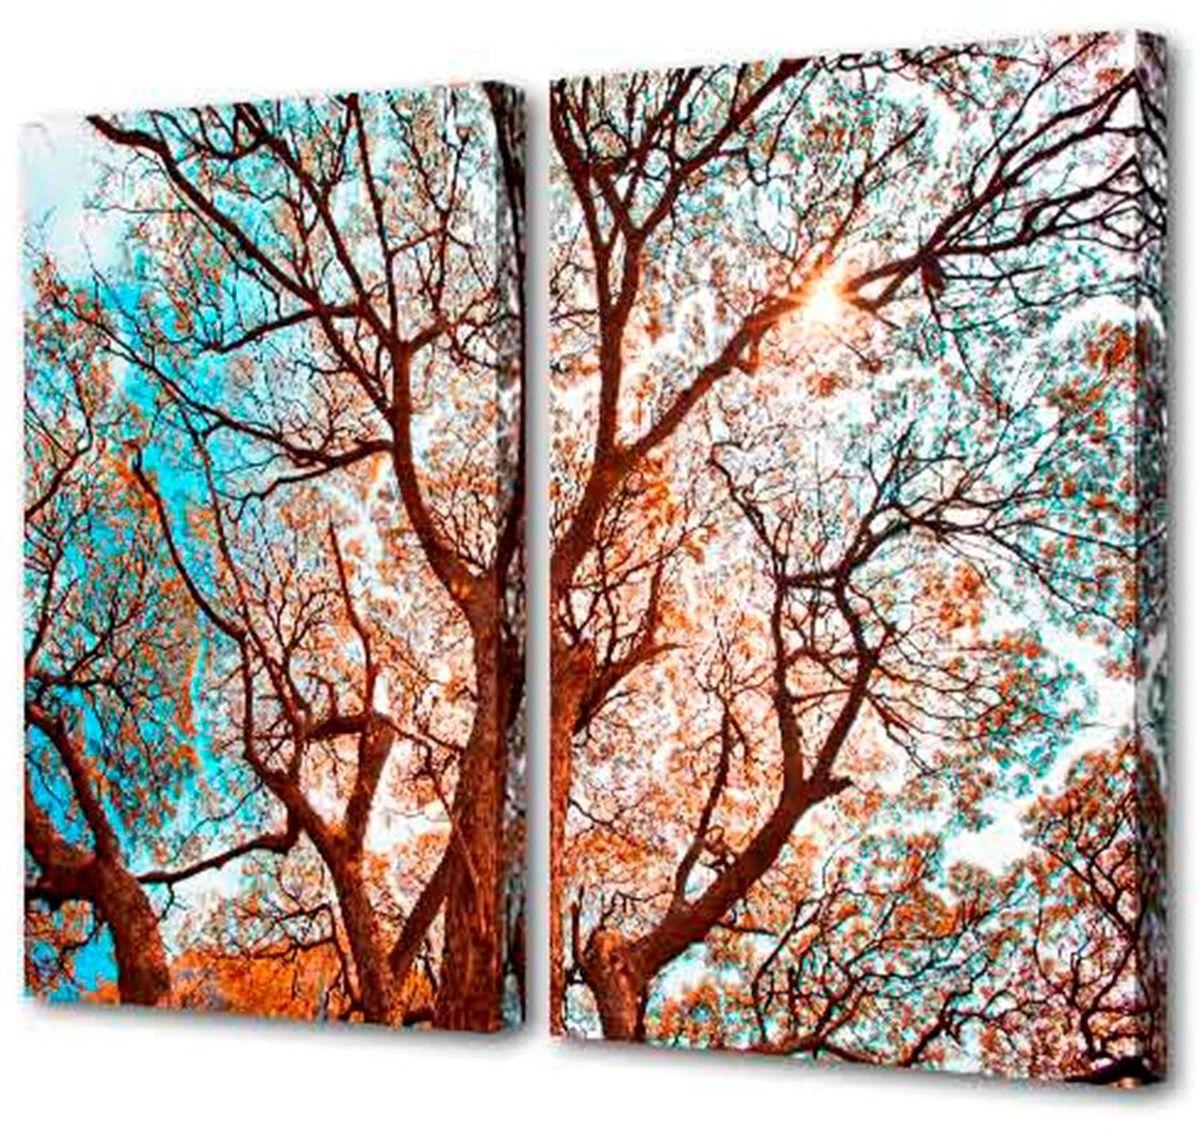 Картина модульная Toplight Природа, 100 х 75 см. TL-M2012TL-M2012Модульная картина Toplight Природа выполнена из синтетического полотна, подрамник из МДФ. Картина состоит из двух частей и выглядит очень аккуратно и эстетично благодаря такому способу оформления как галерейная натяжка. Подрамник исключает провисание полотна. Современные технологии, уникальное оборудование и цифровая печать, используемые в производстве, делают постер устойчивым к выцветанию и обеспечивают исключительное качество произведений. Благодаря наличию необходимых креплений в комплекте установка не займет много времени. Модульная картина - это прекрасная возможность создать яркий акцент при оформлении любого помещения. Изделие обязательно привлечет внимание и подарит немало приятных впечатлений своим обладателям. Правила ухода: можно протирать сухой, мягкой тканью. Рекомендованное расстояние между сегментами: 2 см. Толщина подрамника: 3 см.